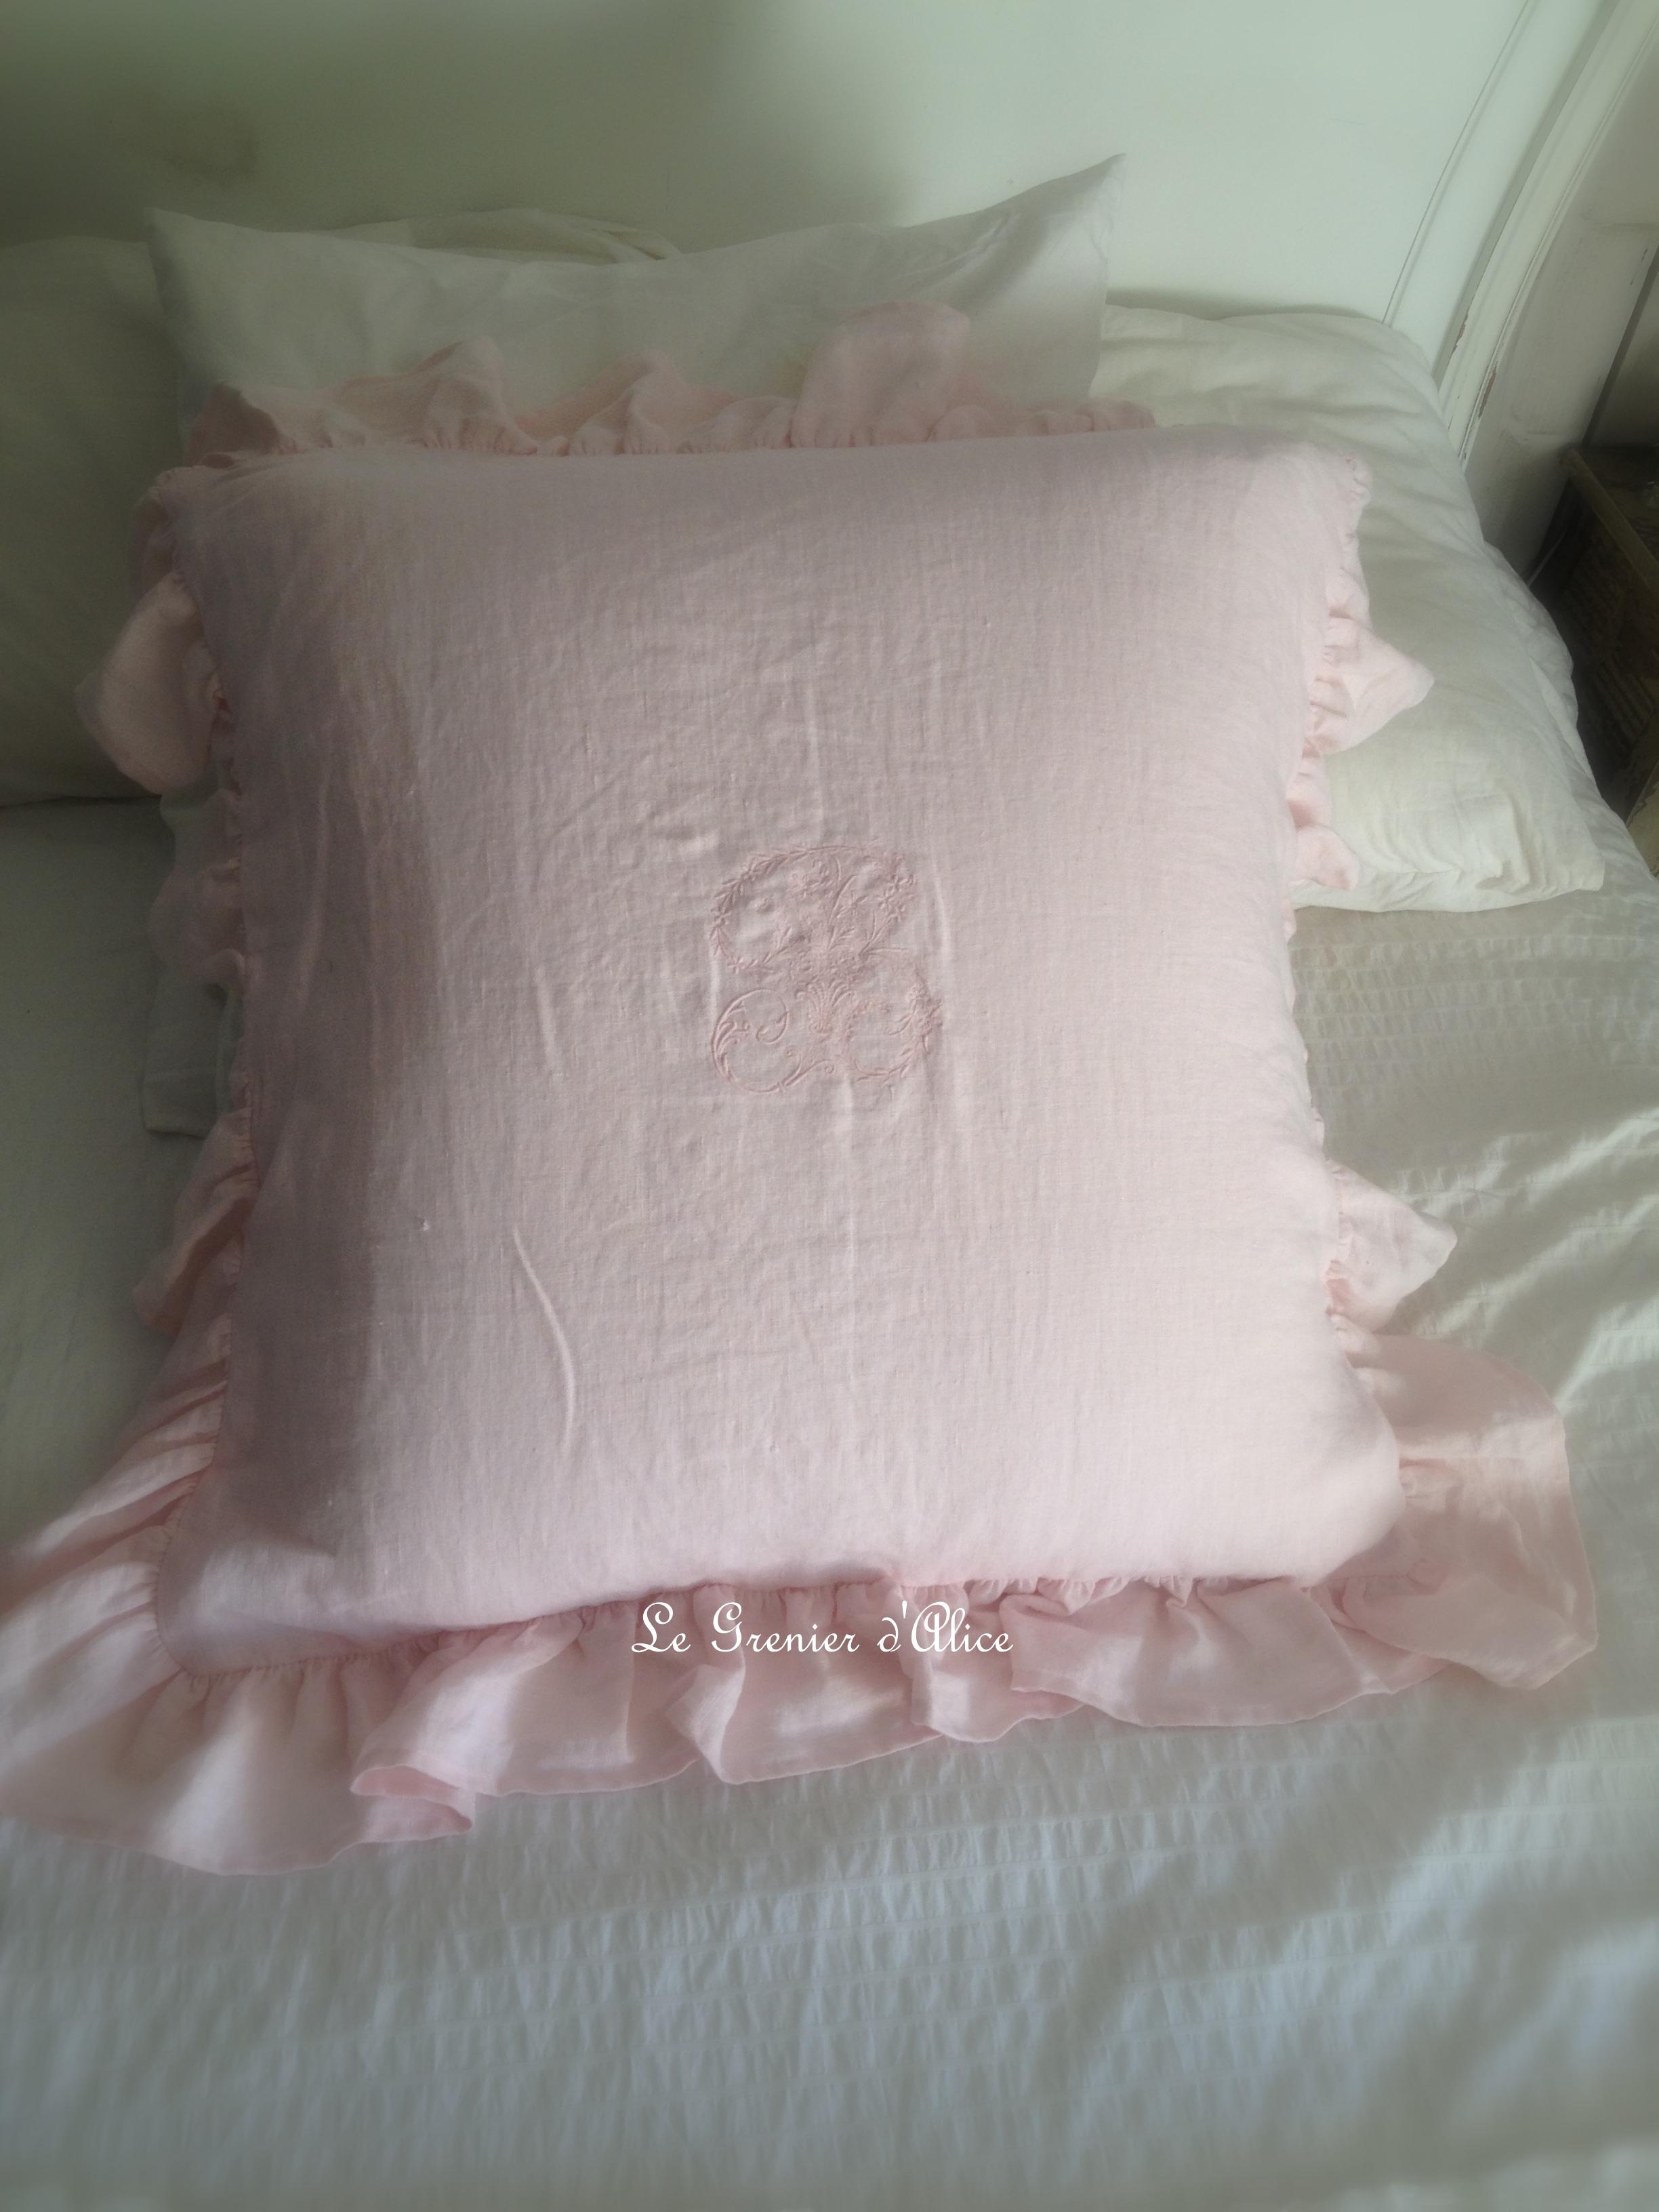 legrenierdaliceshabby.com/wp-content/uploads/2014/10/Housse-taie-doreiller-rose-poudré-volant-shabby-chic-romantique-decoration-de-charme.jpg